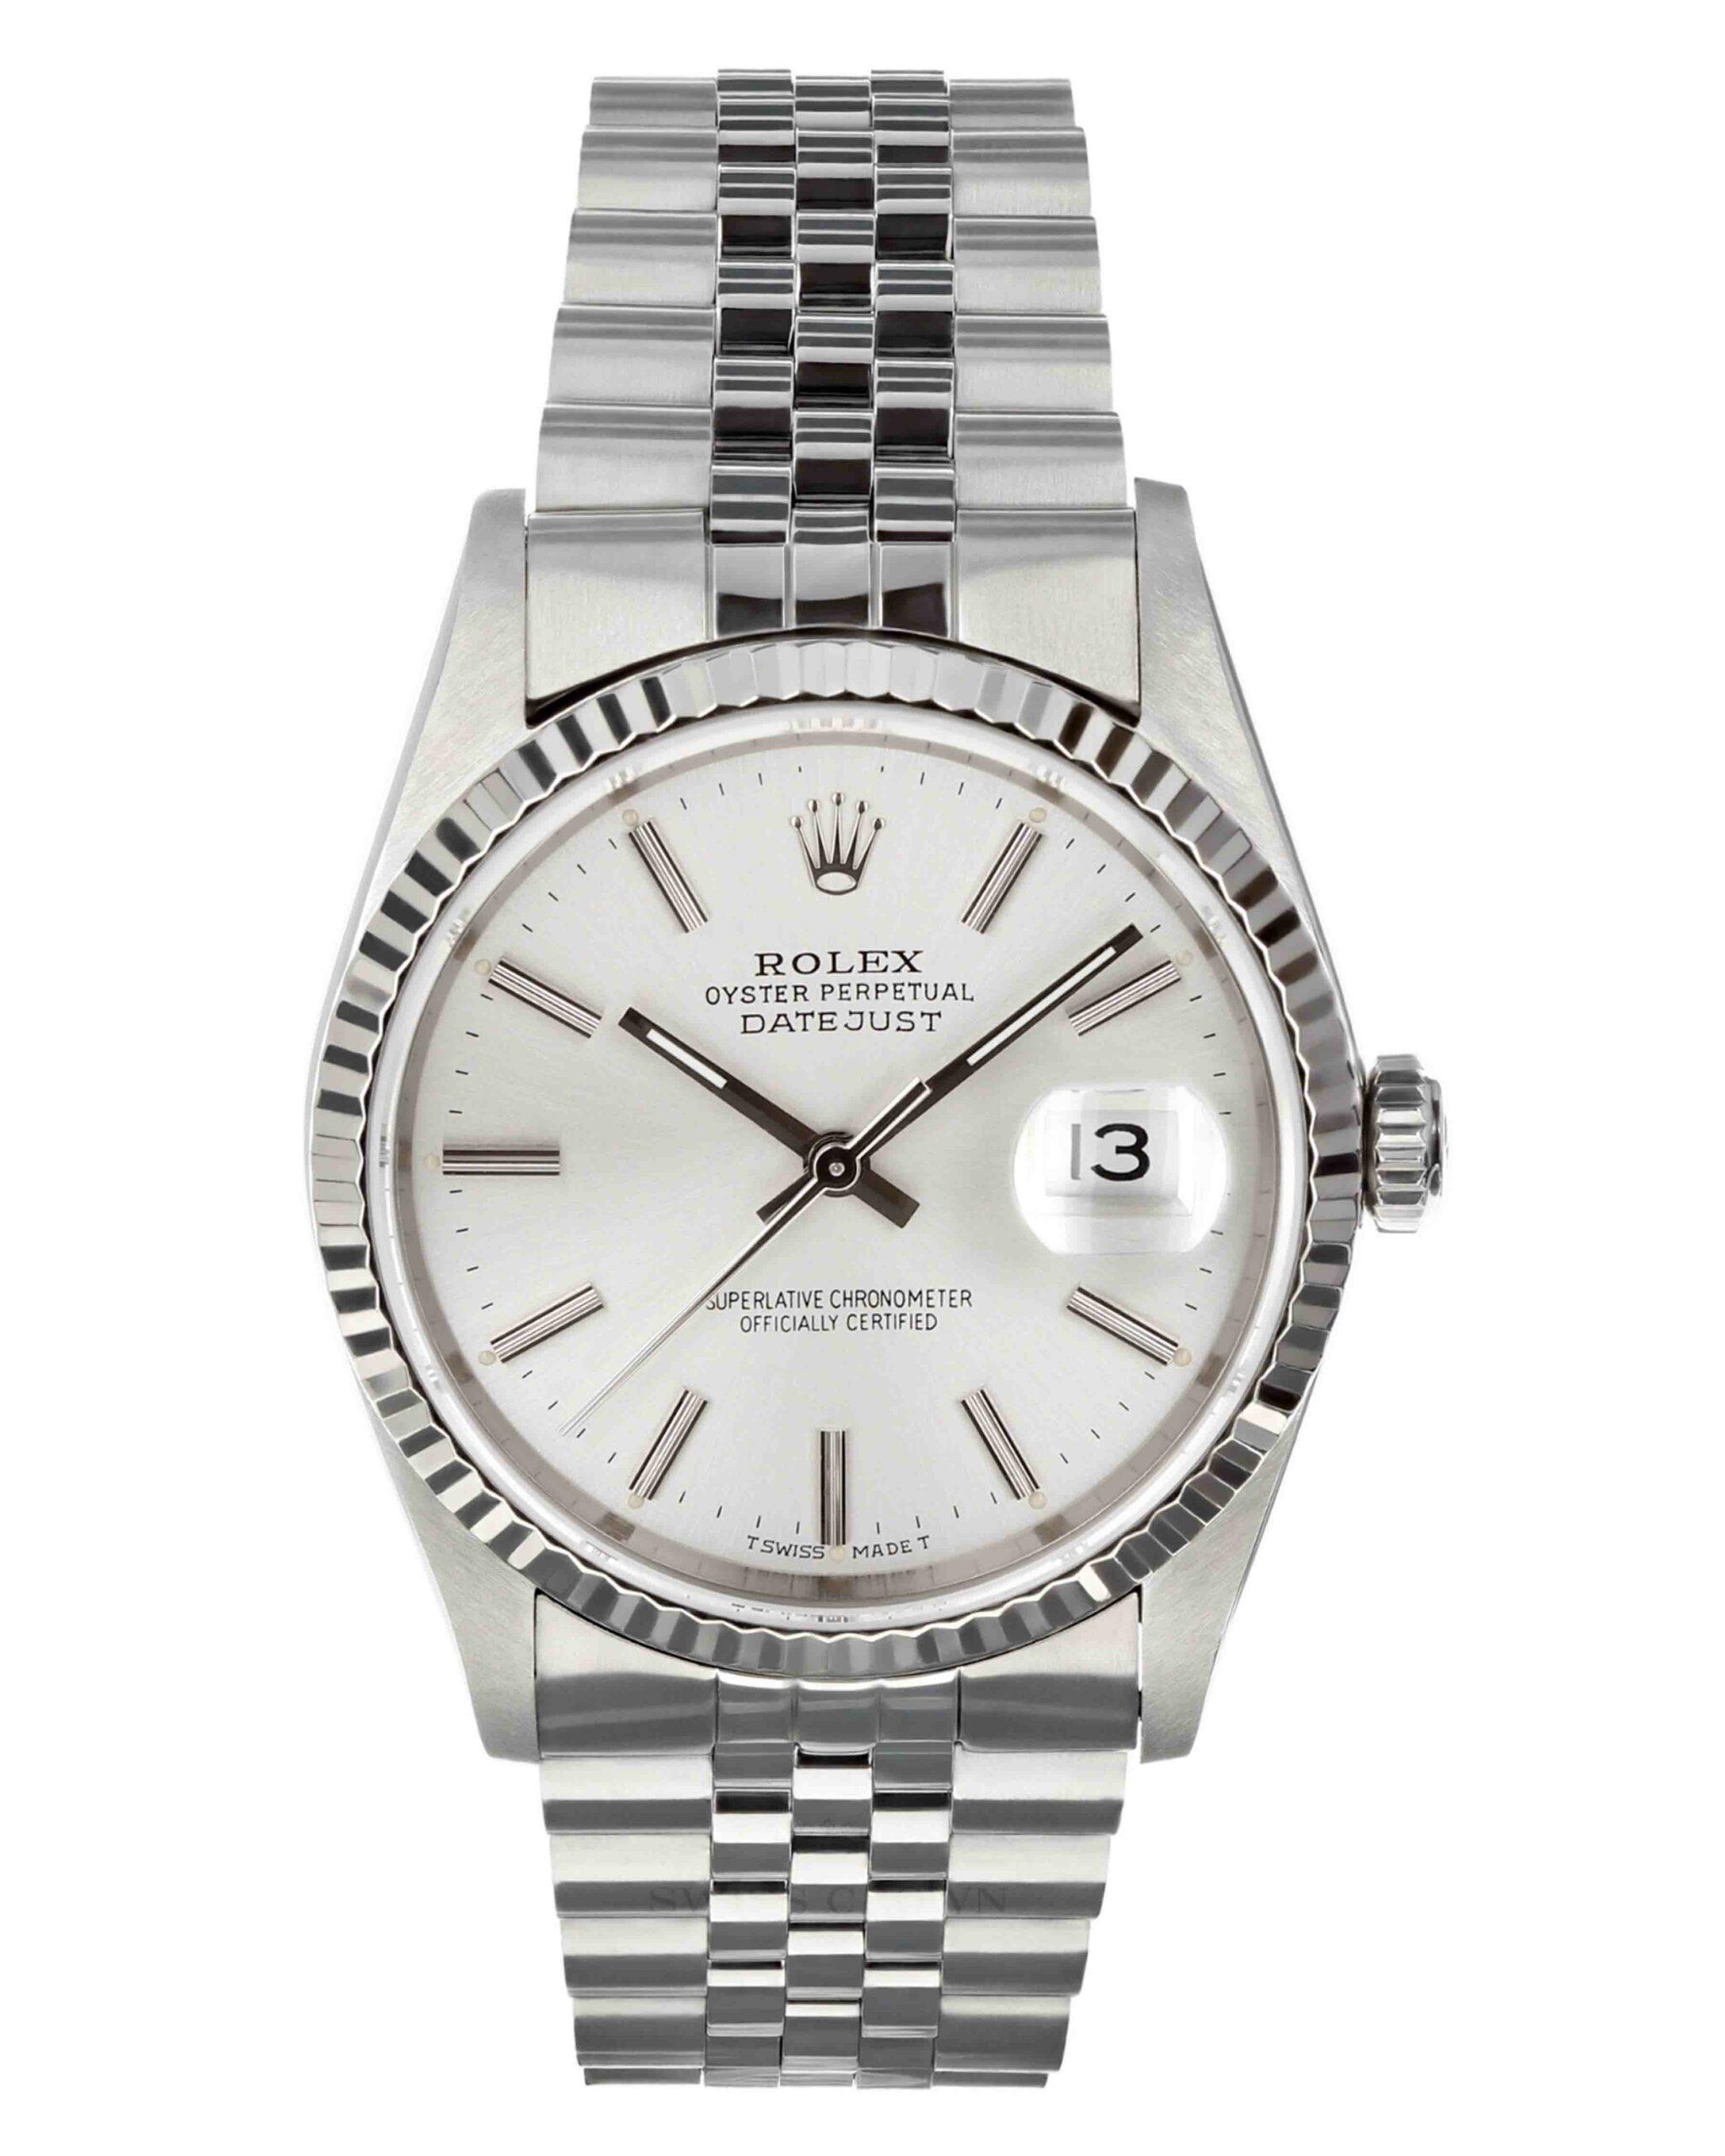 Die besten Uhren unter 5000 Euro: Vintage Rolex Datejust